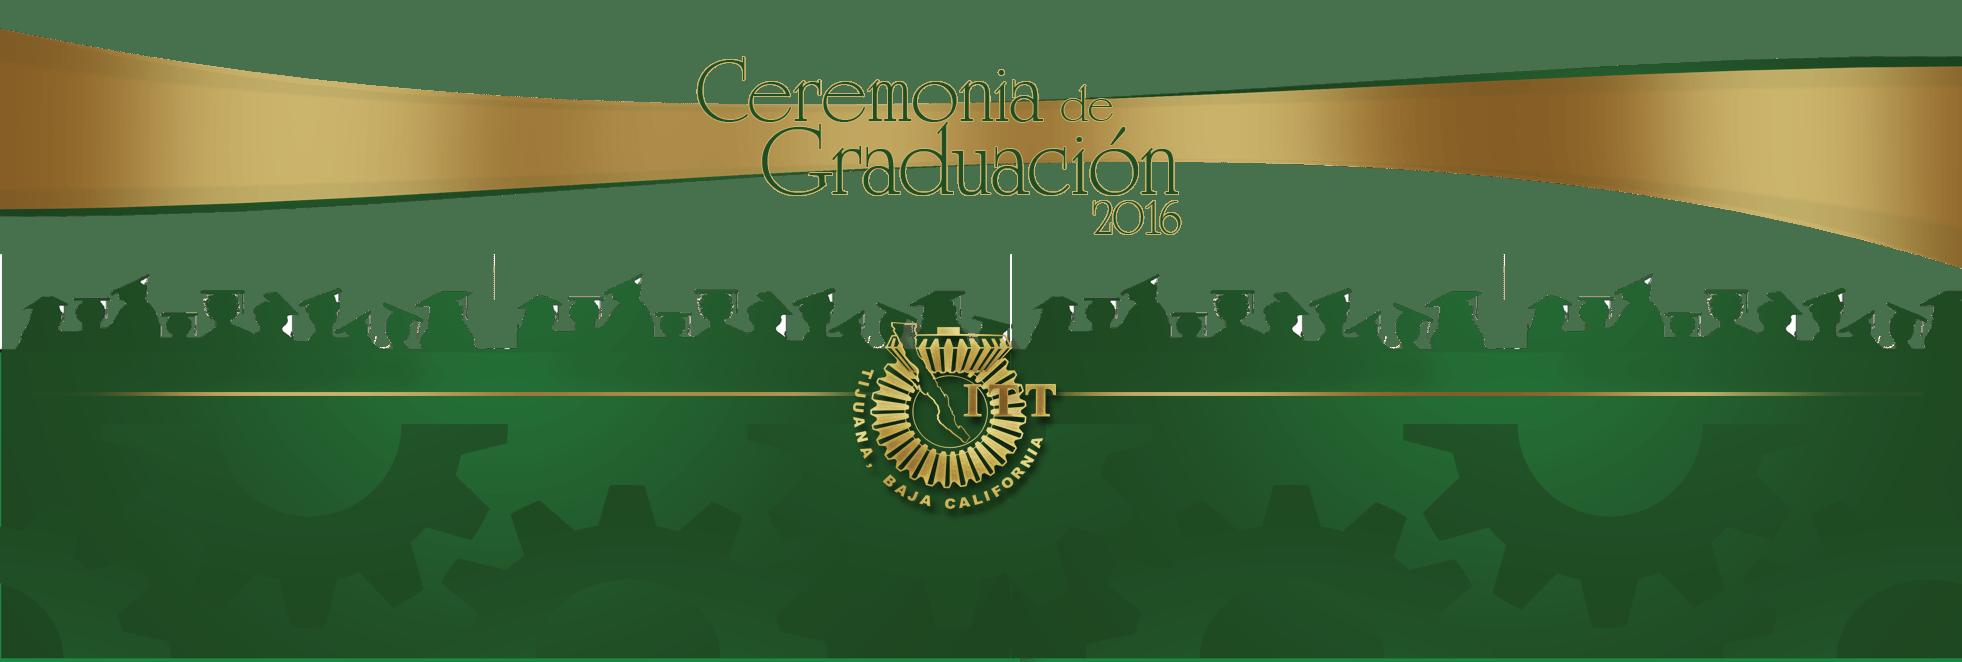 graduaciones-2016-2016-slyder